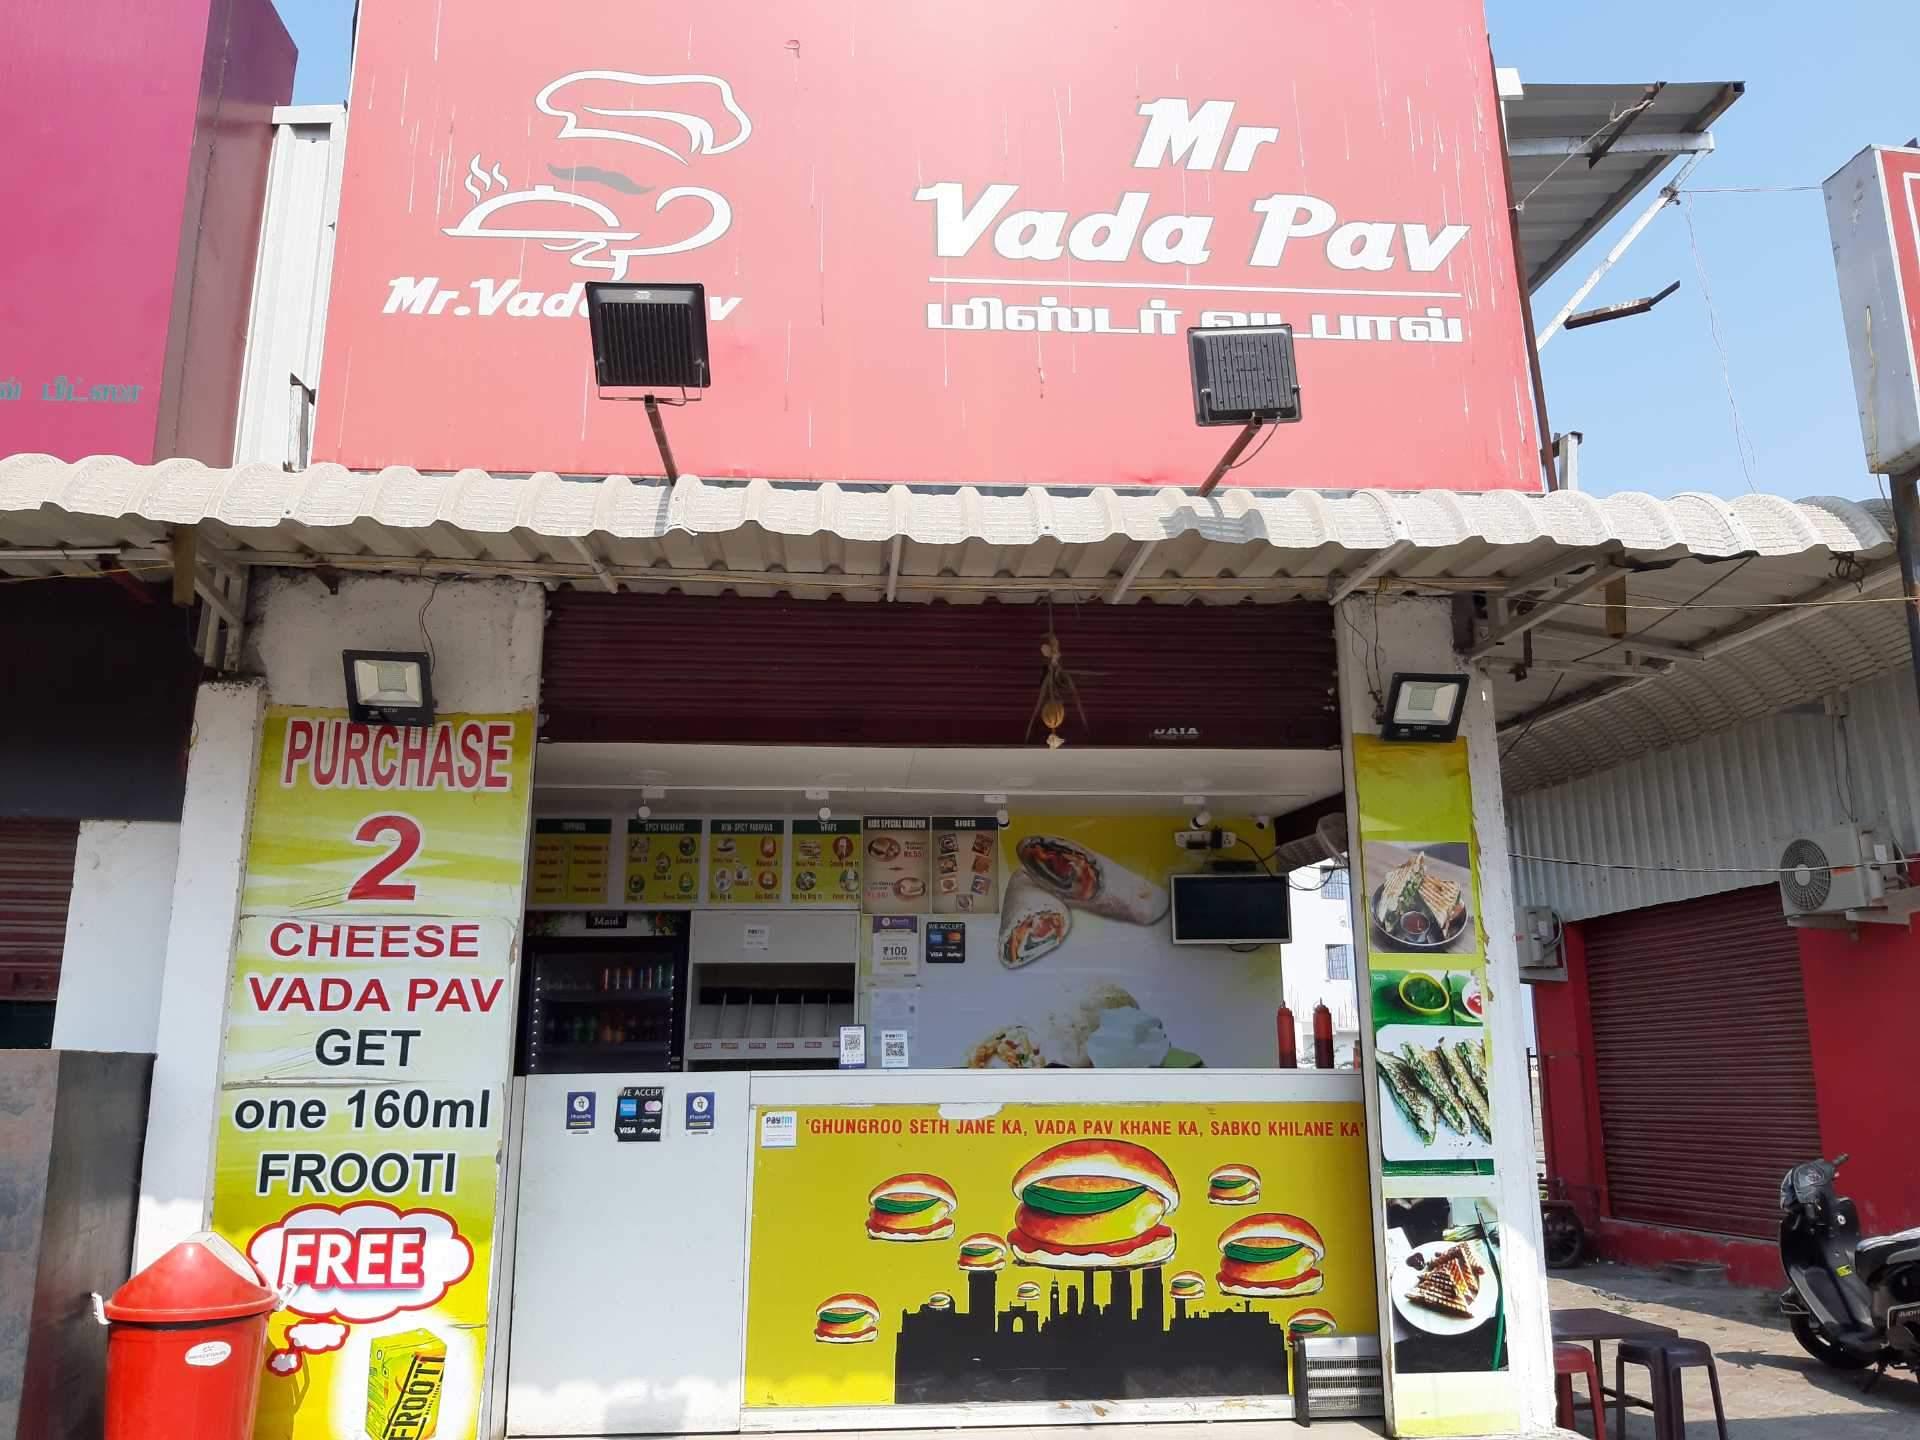 MR Vada Pav Kelambakkam Chennai   Street Food Cuisine 1920x1440